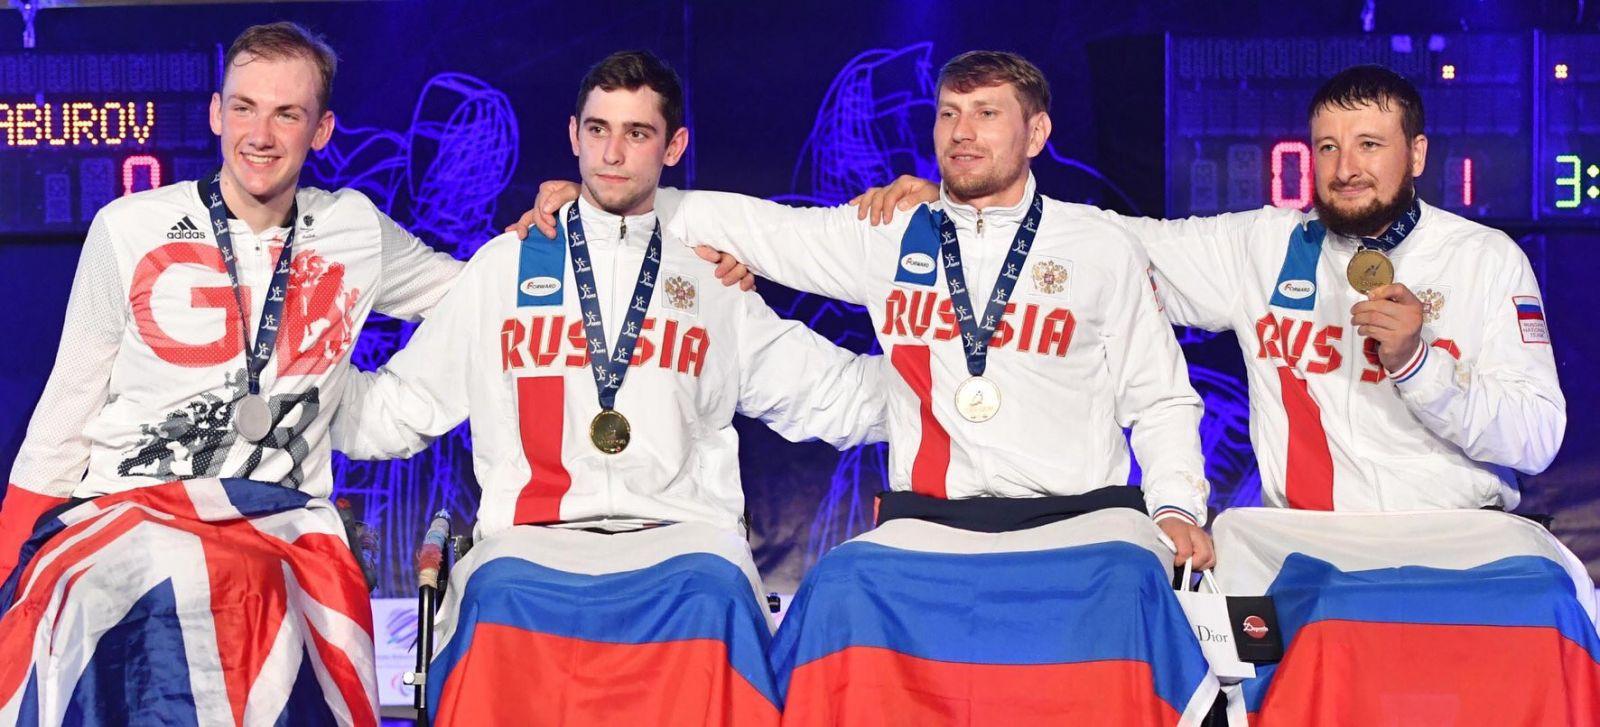 Сборная команда России по фехтованию на колясках завоевала 4 золотые, 2 серебряные и 8 бронзовых медалей по итогам трех дней чемпионата Европы в Италии